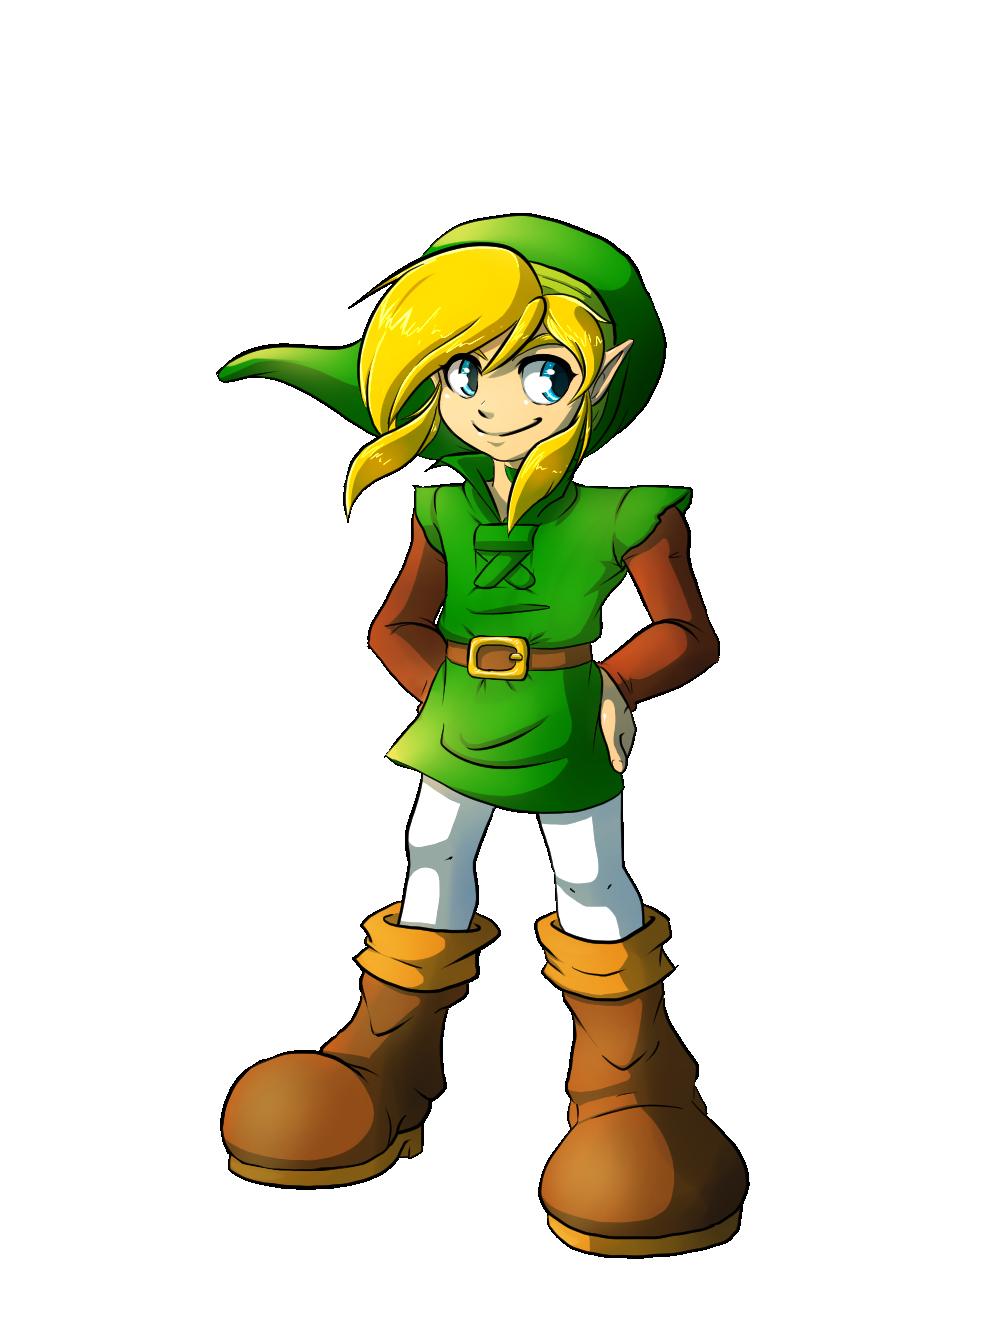 Most recent image: Hero Link